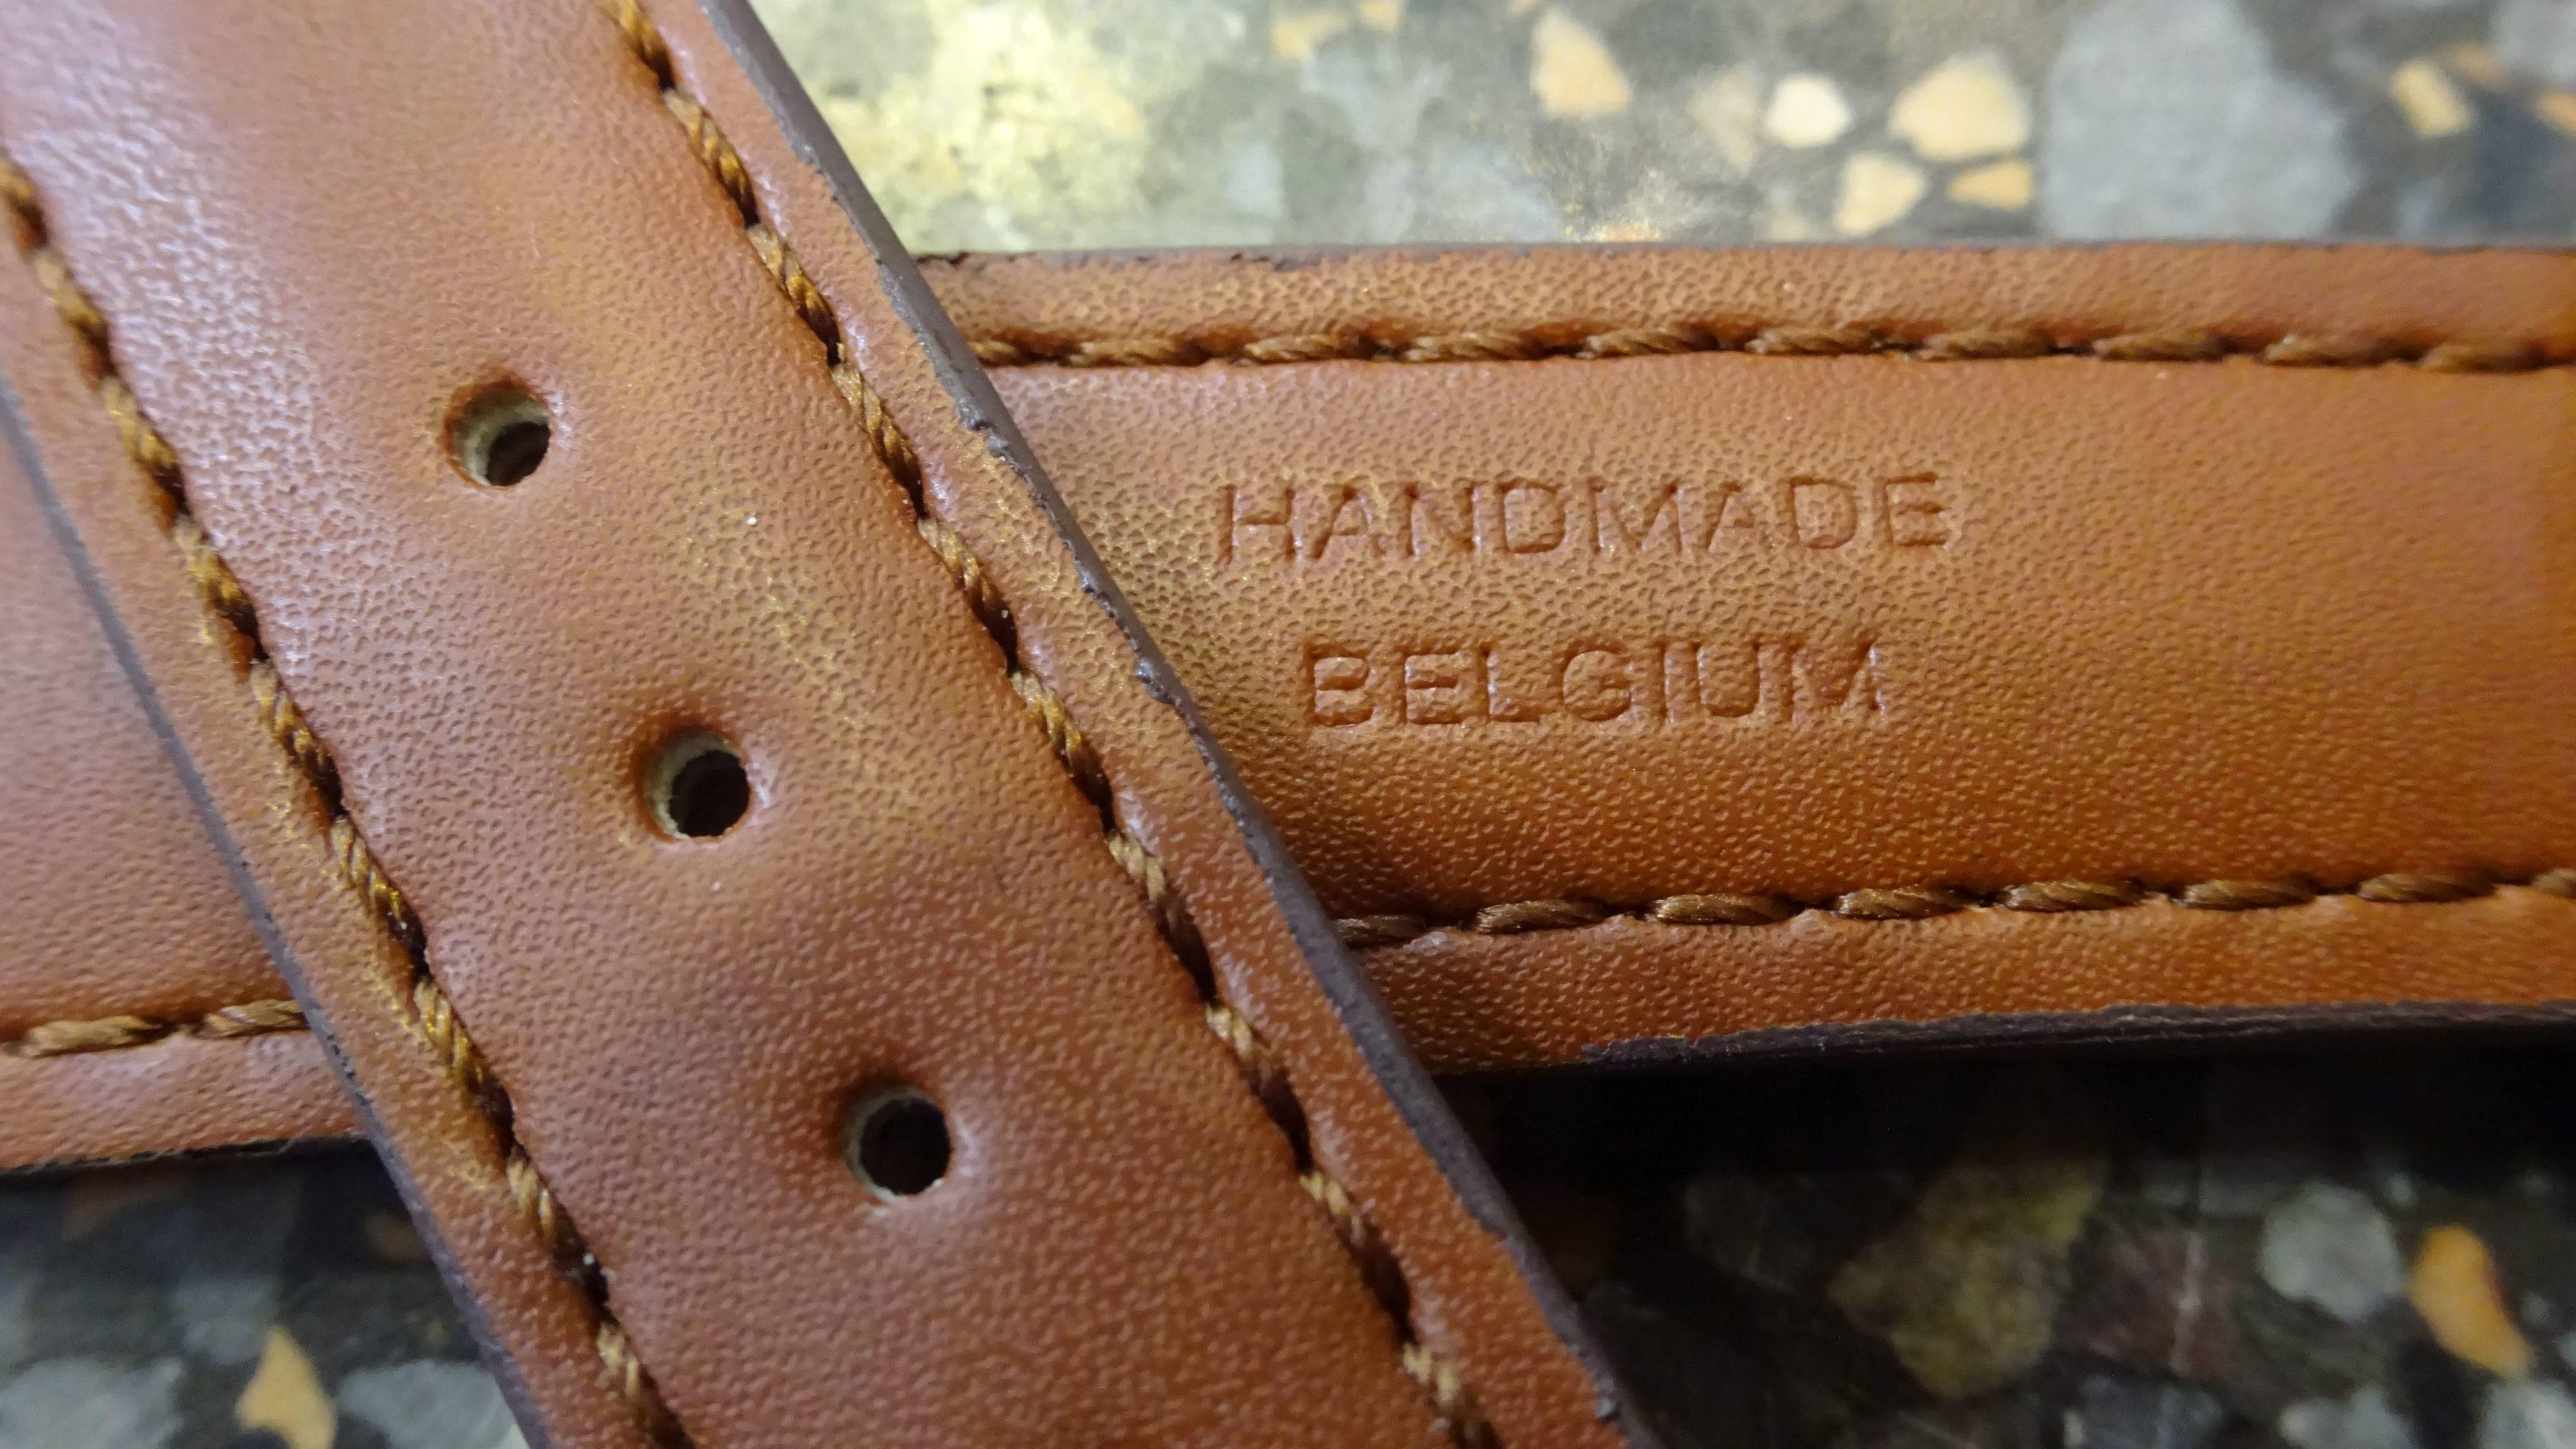 Belgium Handmade 16-9